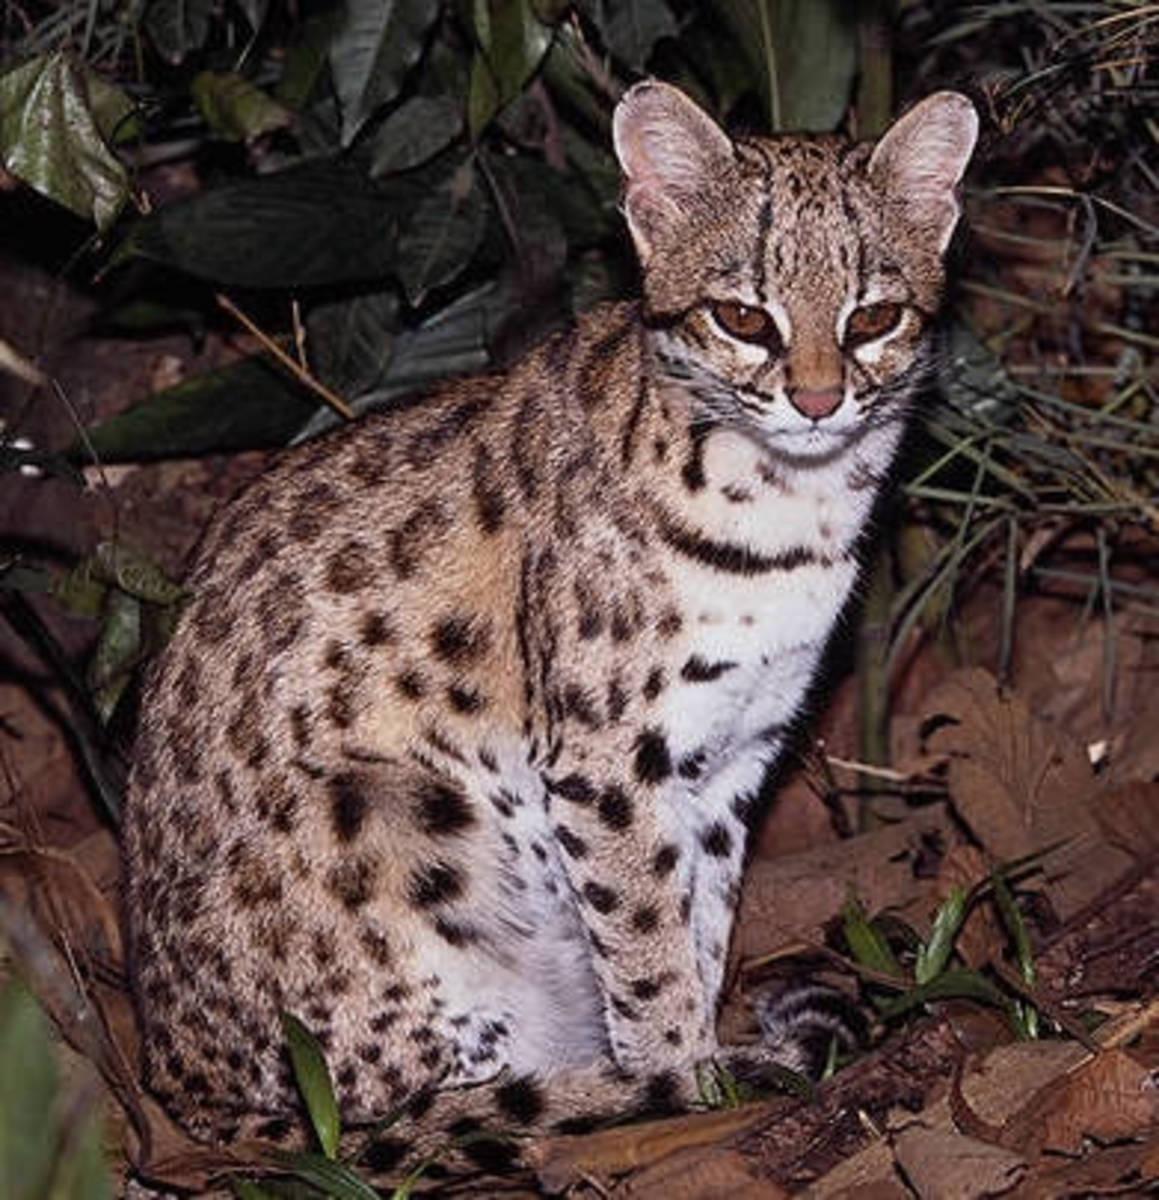 Tigerella in the rainforest